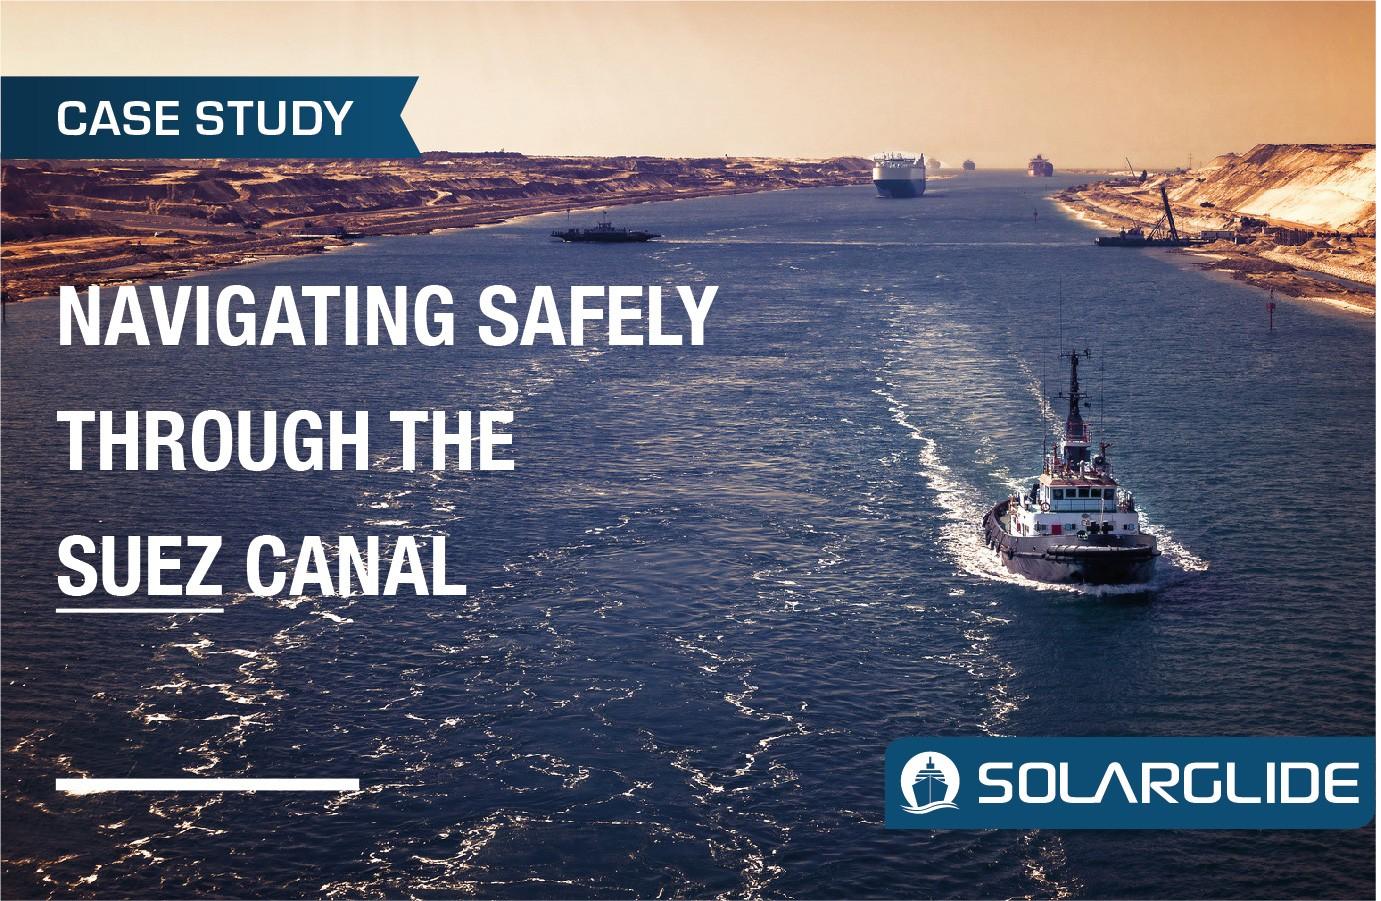 Suez Canal Case Study